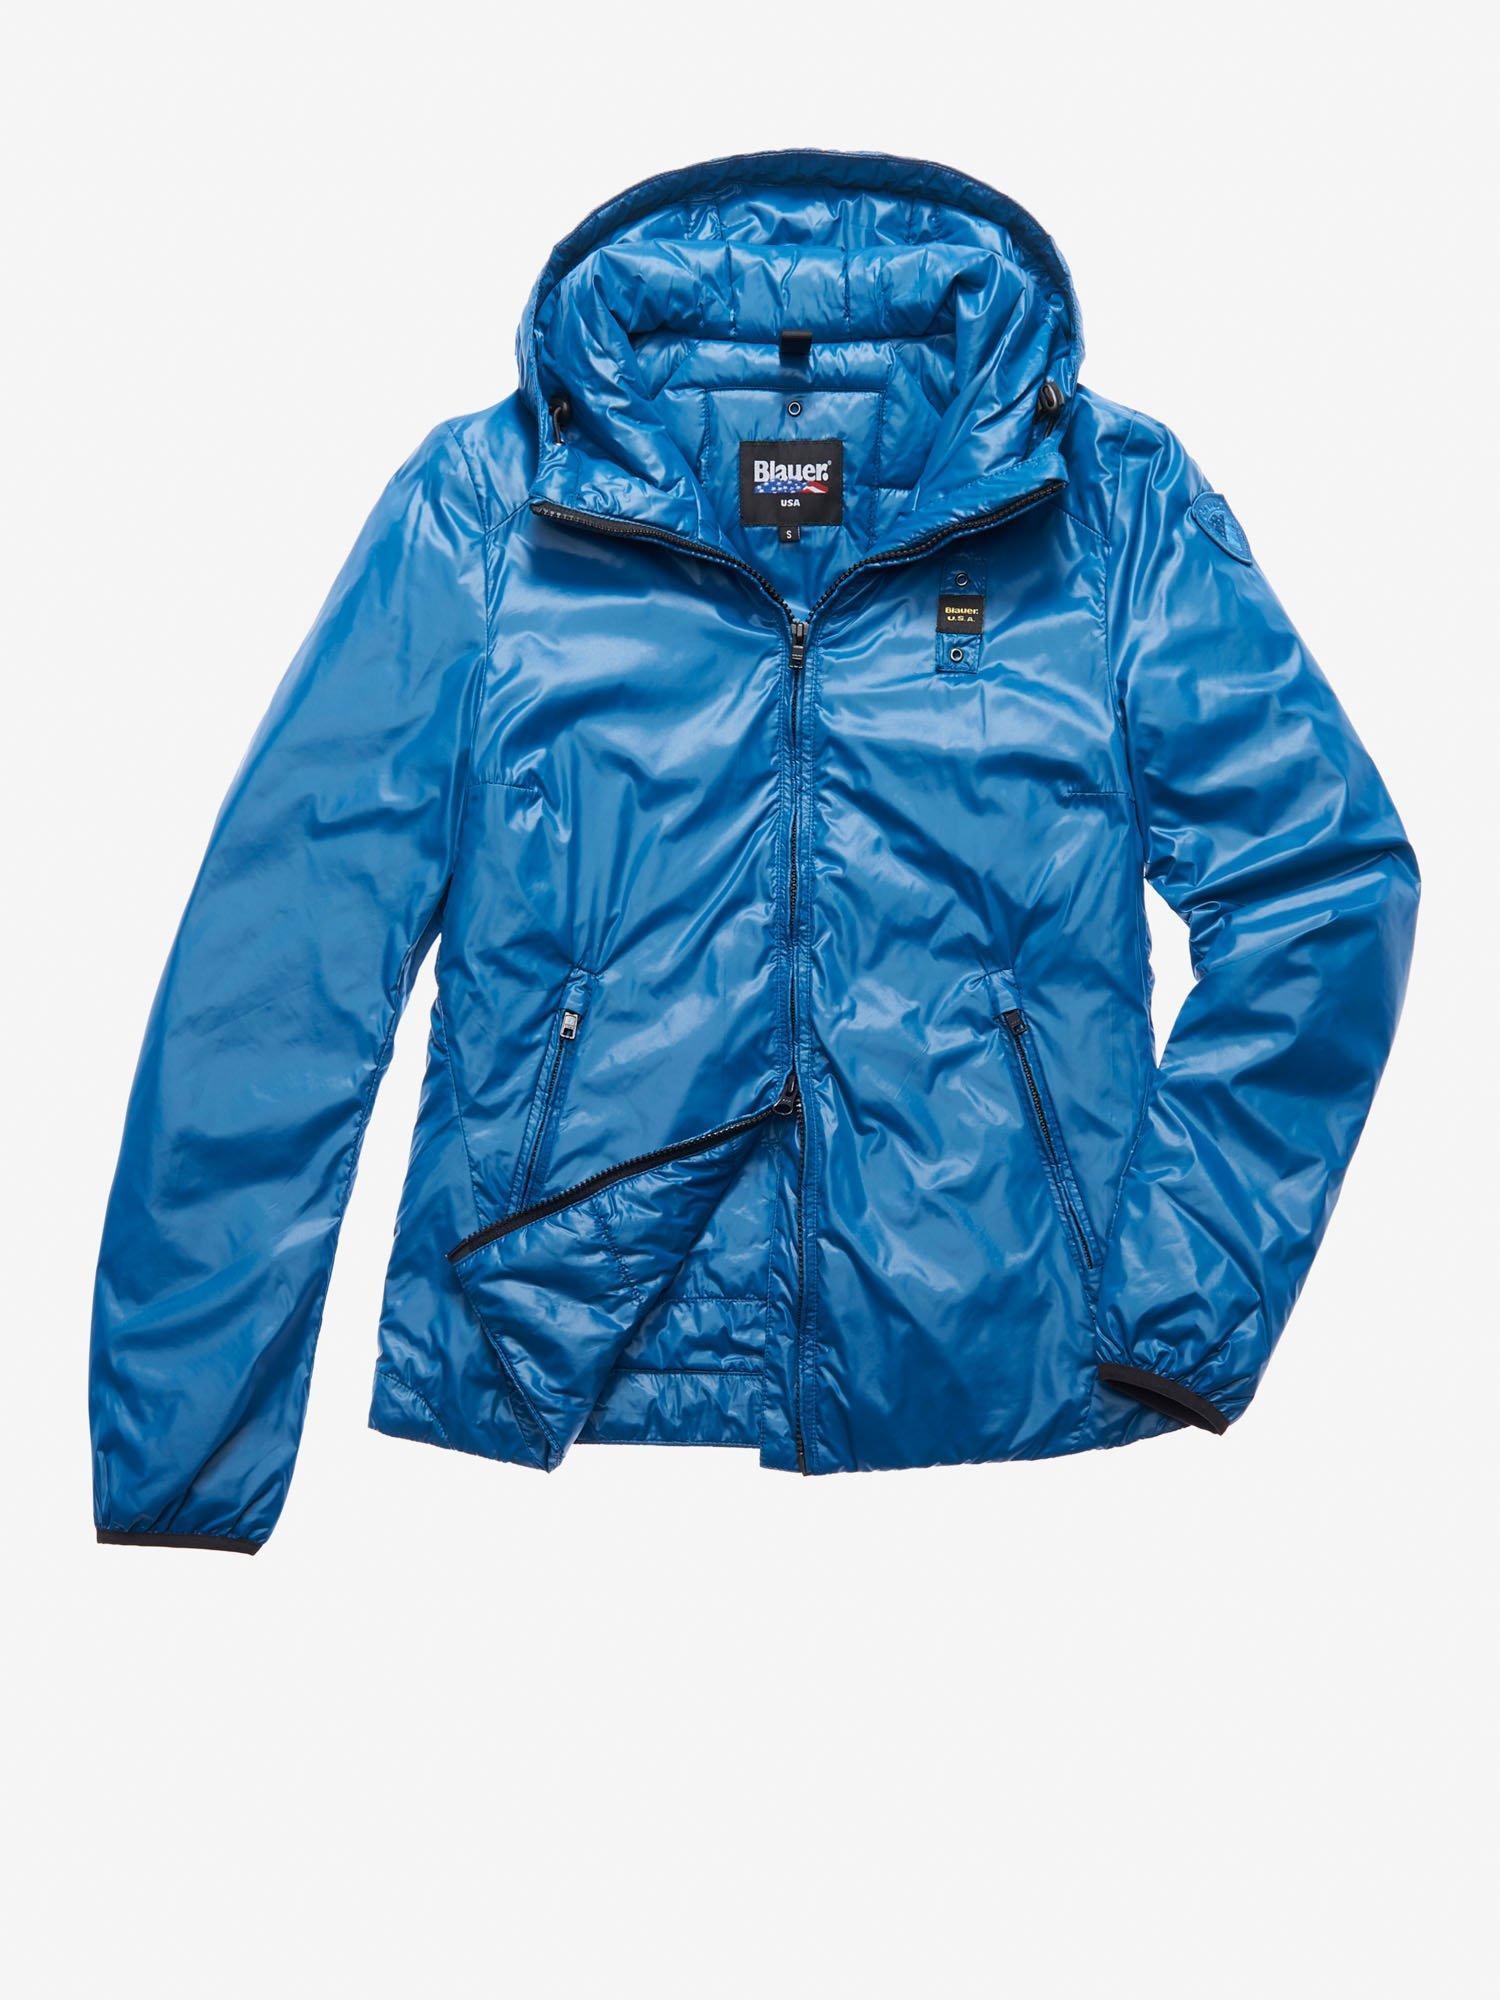 269a44ecf8 Blauer ® Donna - Acquista online la Collezione Donna | Blauer USA